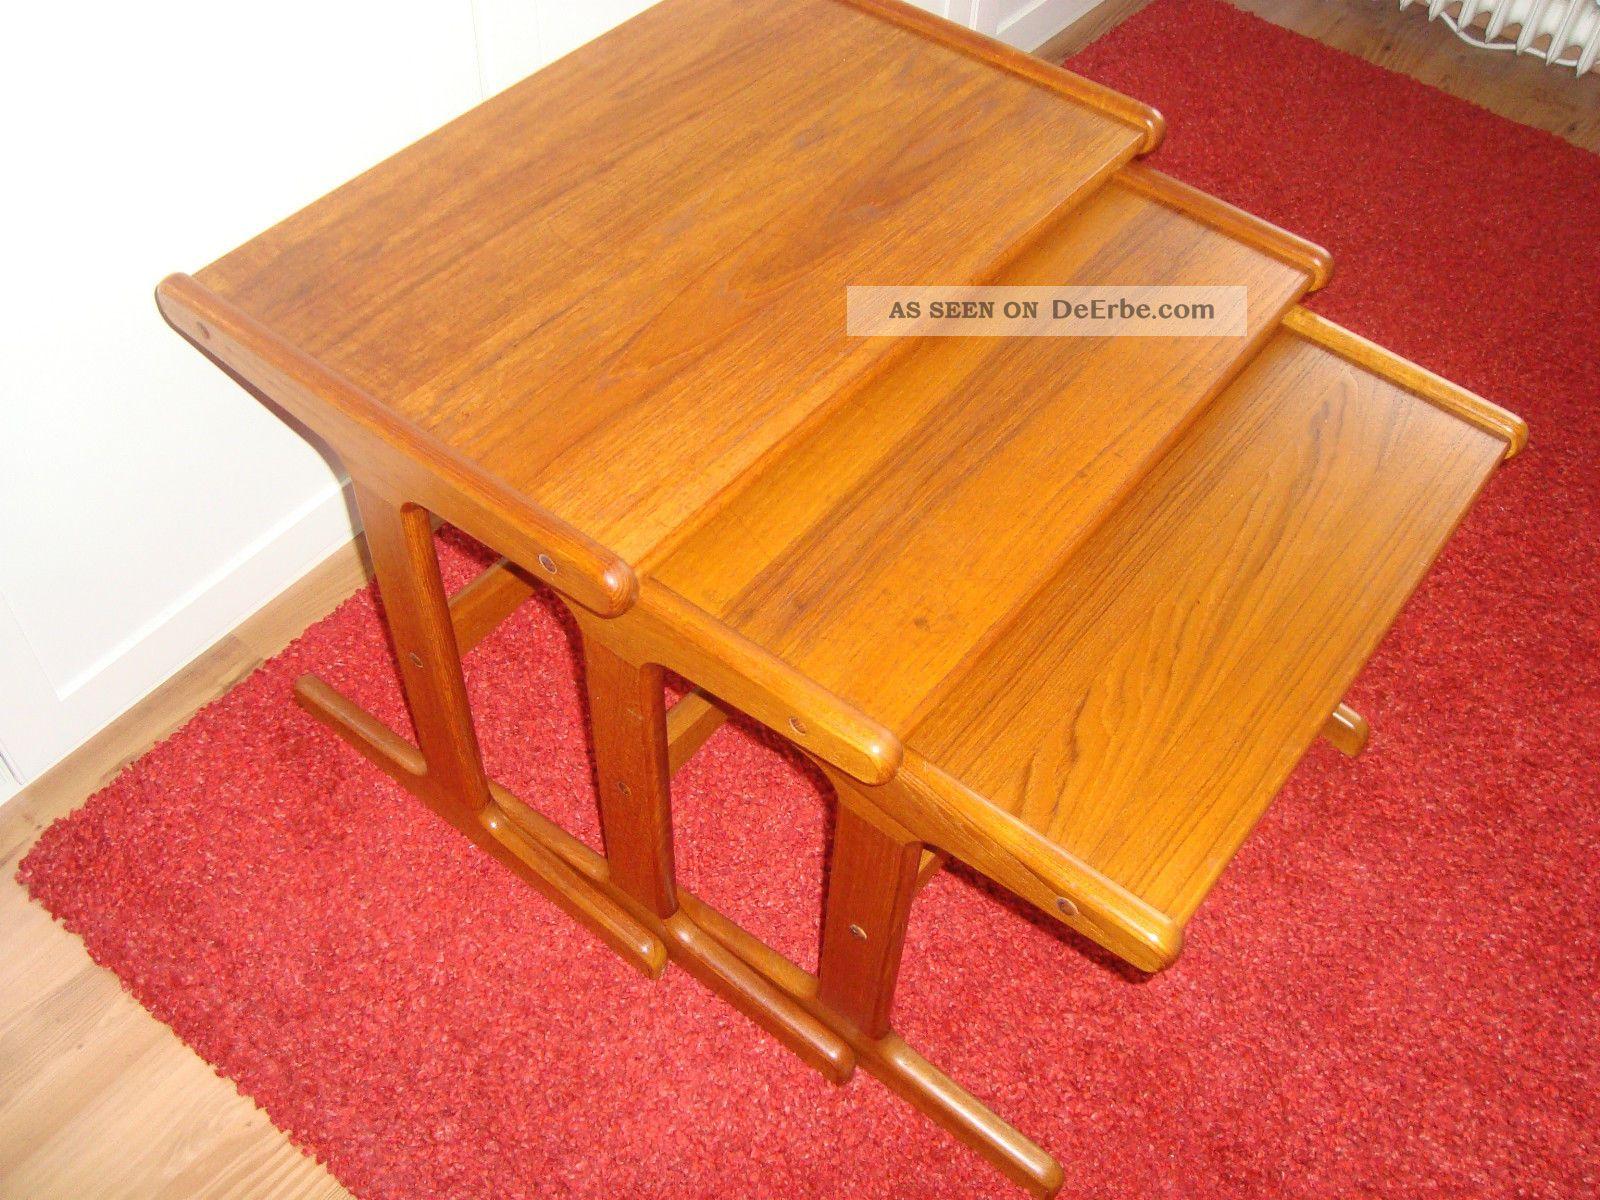 teak danish satztische tisch beistelltische tische 60er jahre. Black Bedroom Furniture Sets. Home Design Ideas